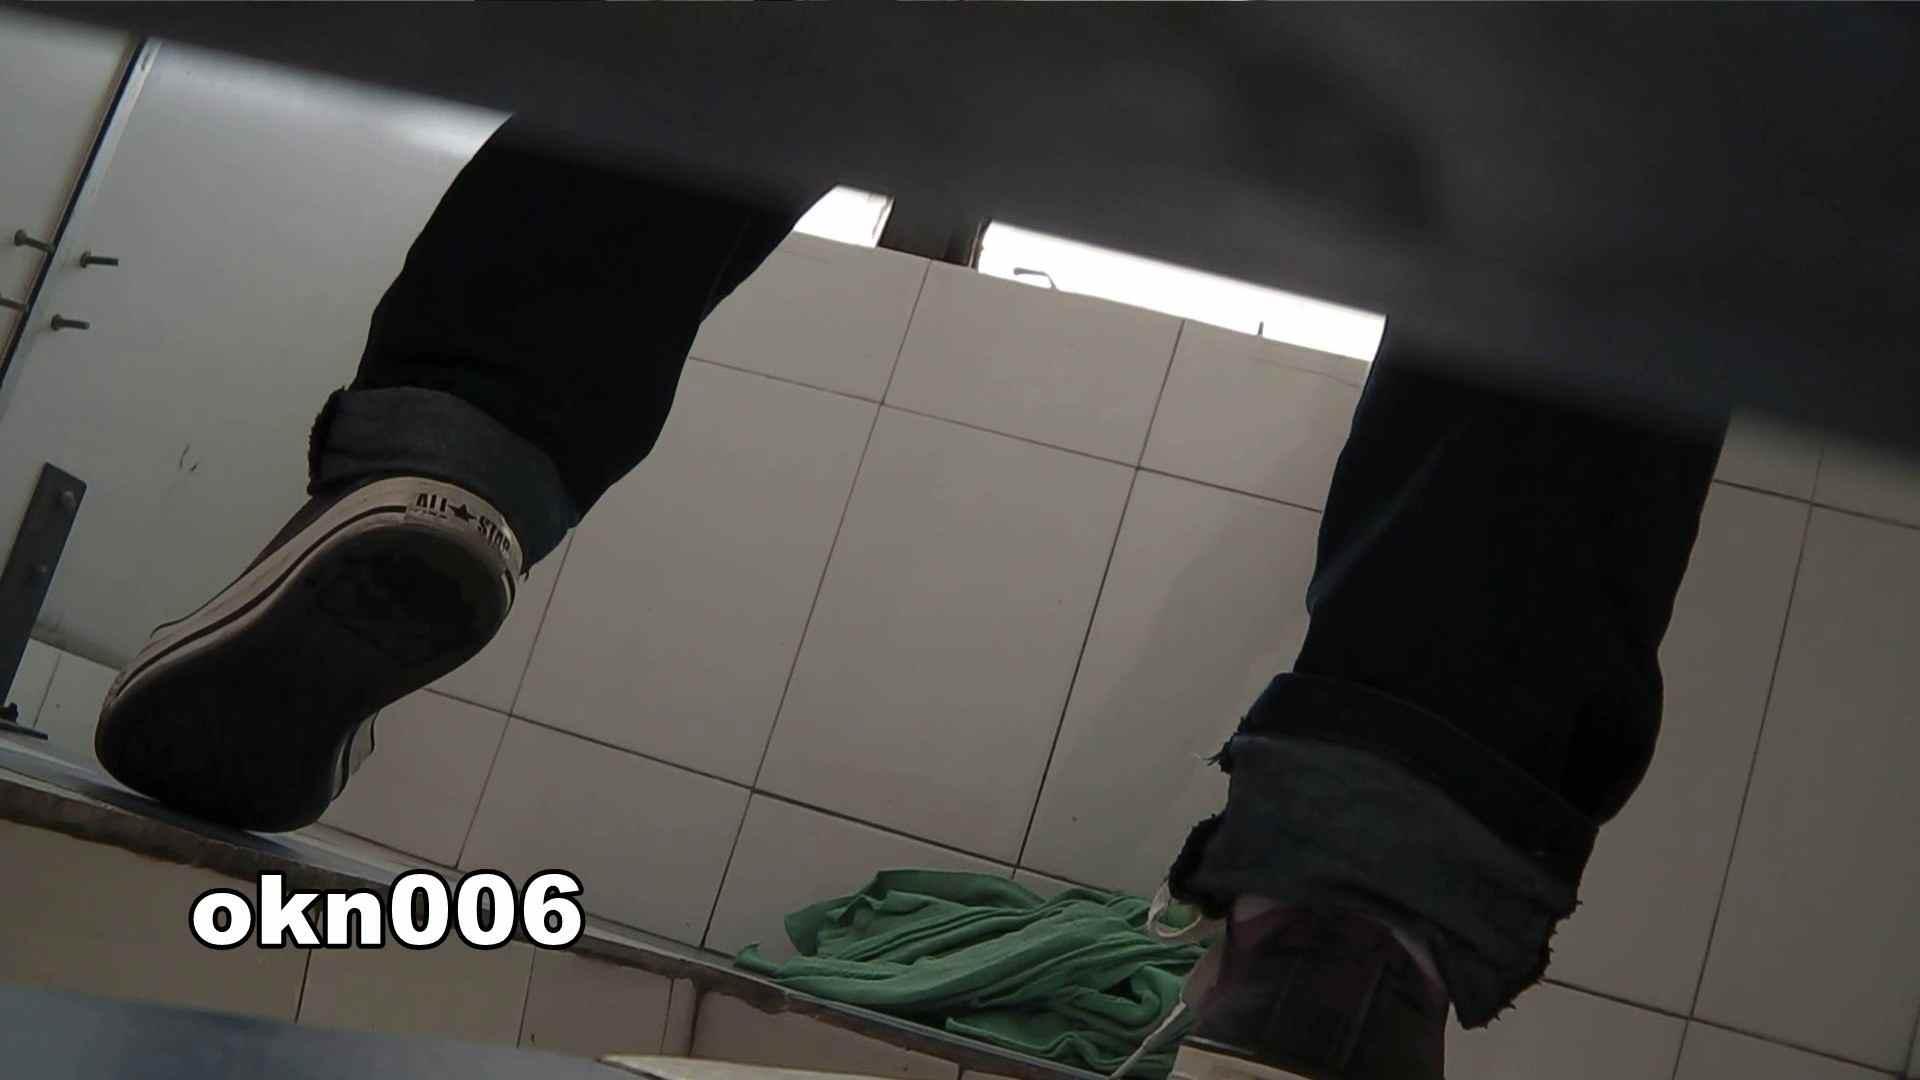 エッチ 熟女 下からノゾム vol.006 ボアション 怪盗ジョーカー